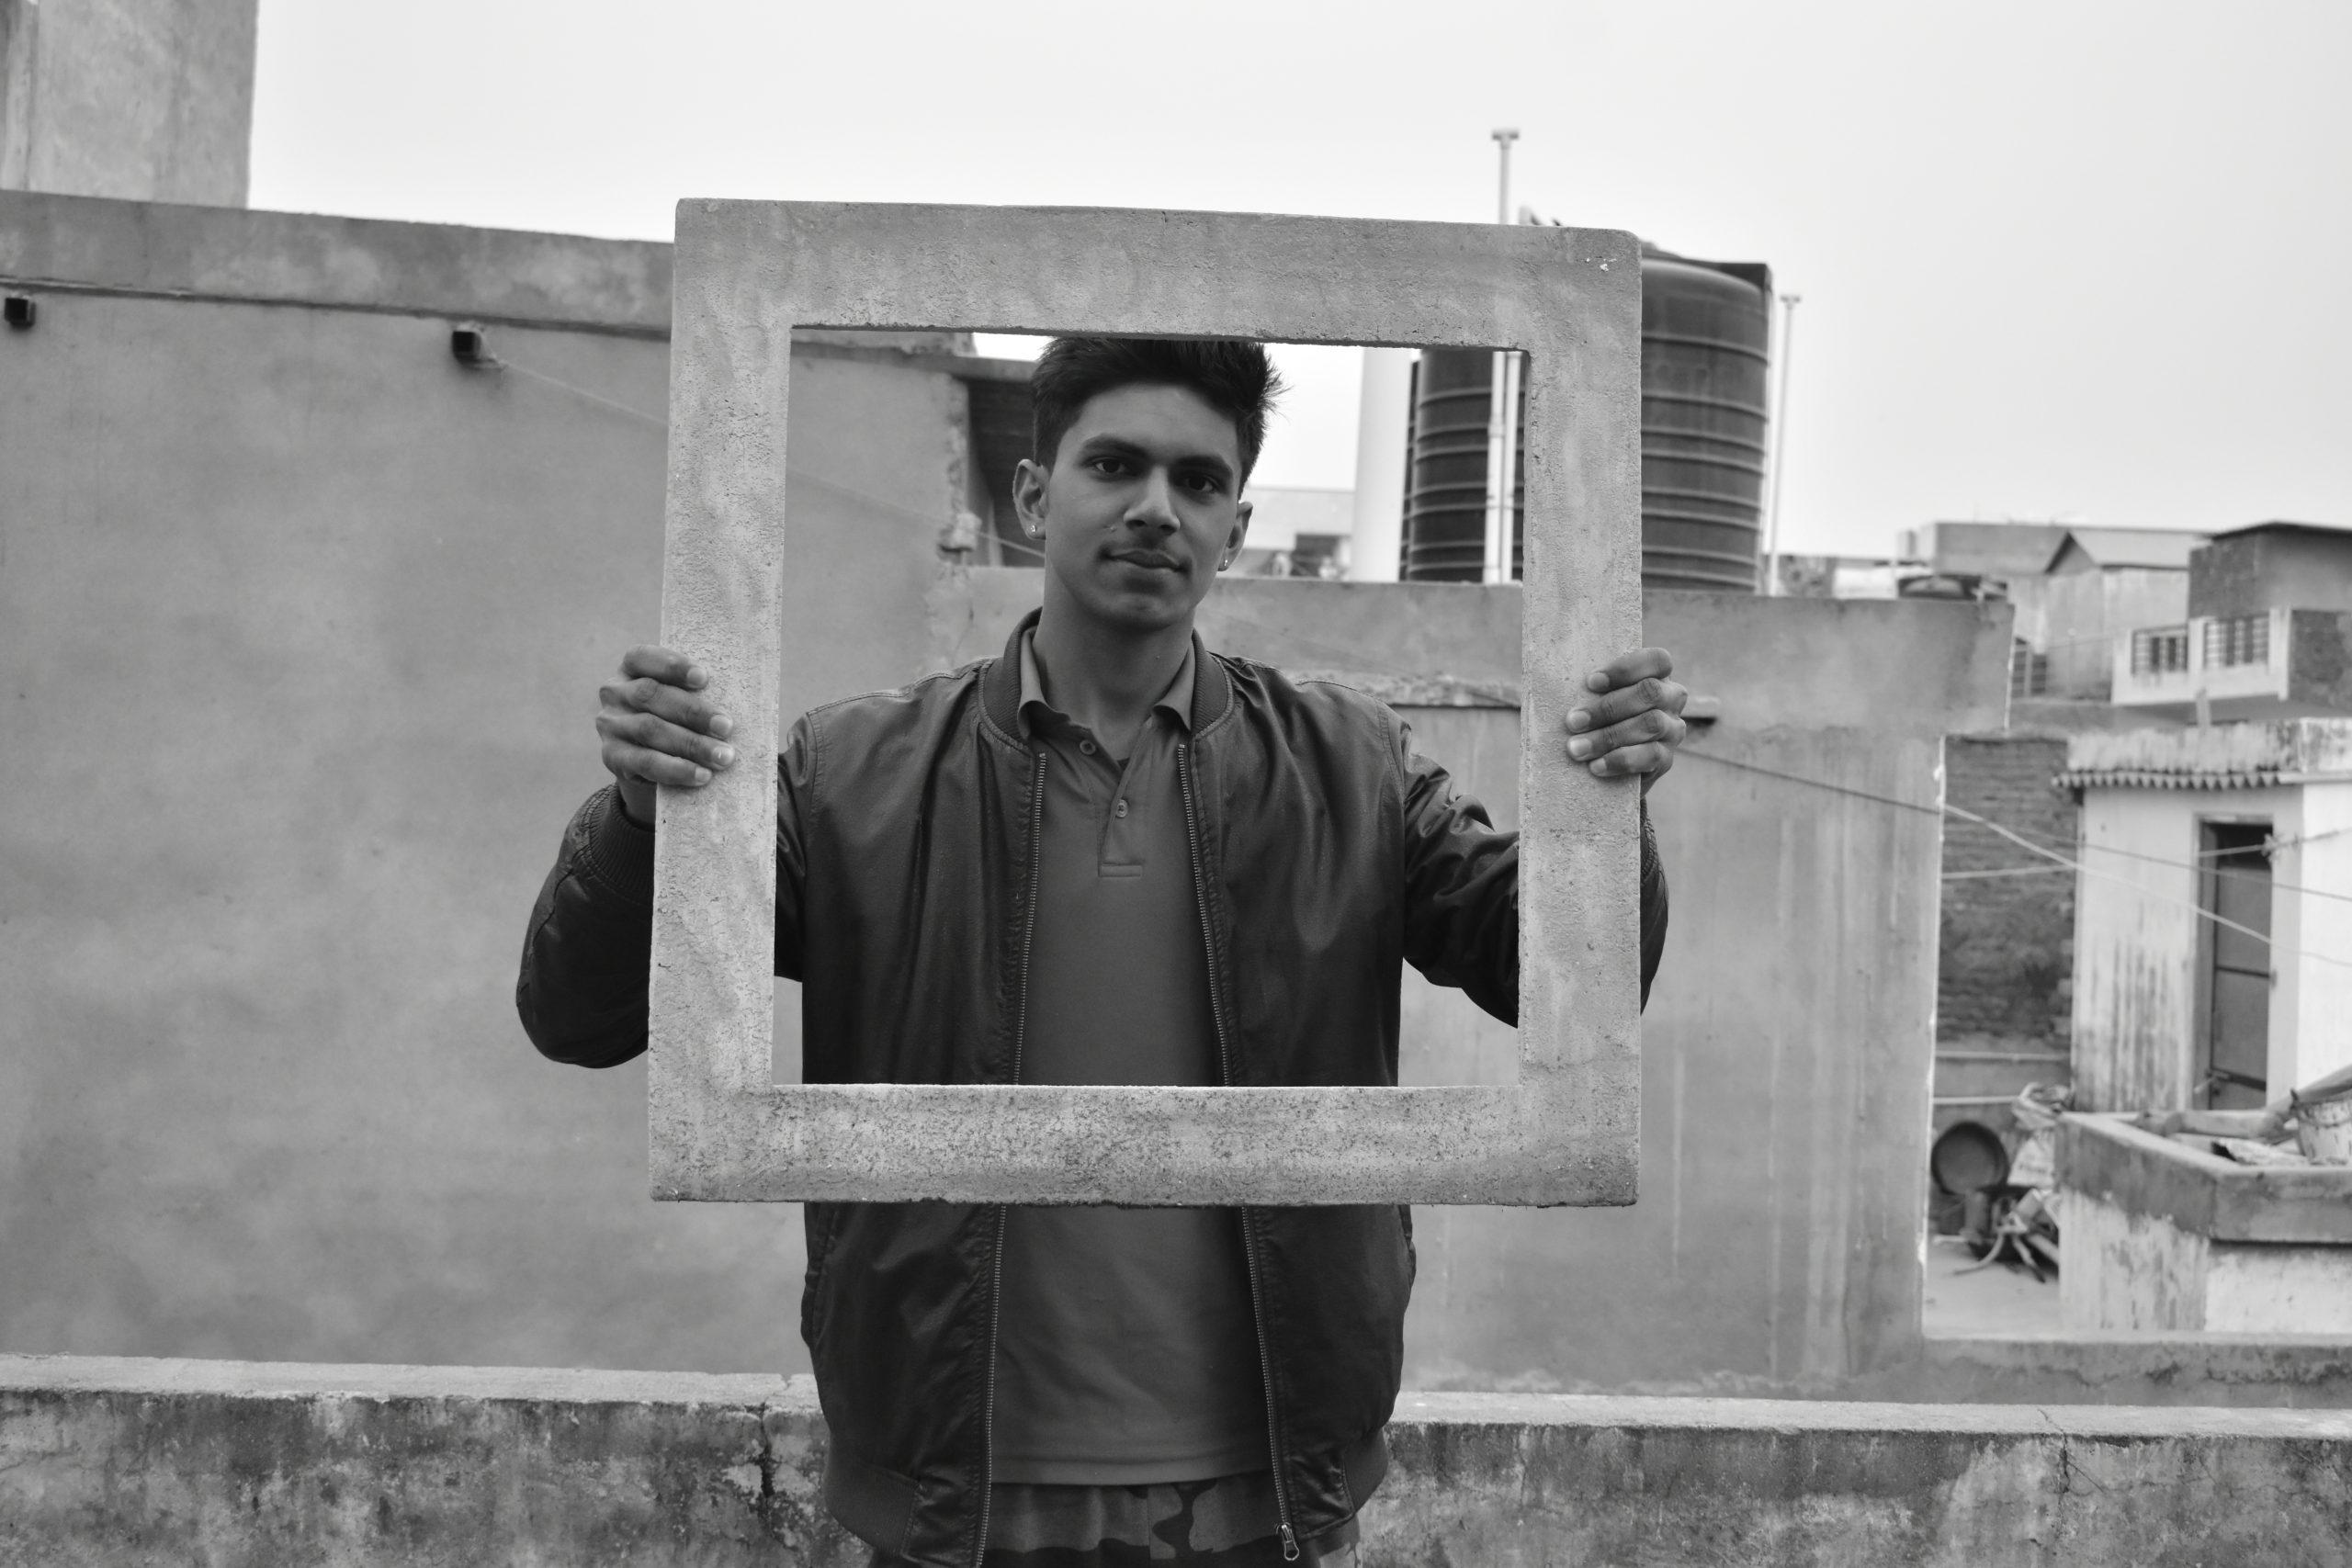 A boy with a frame